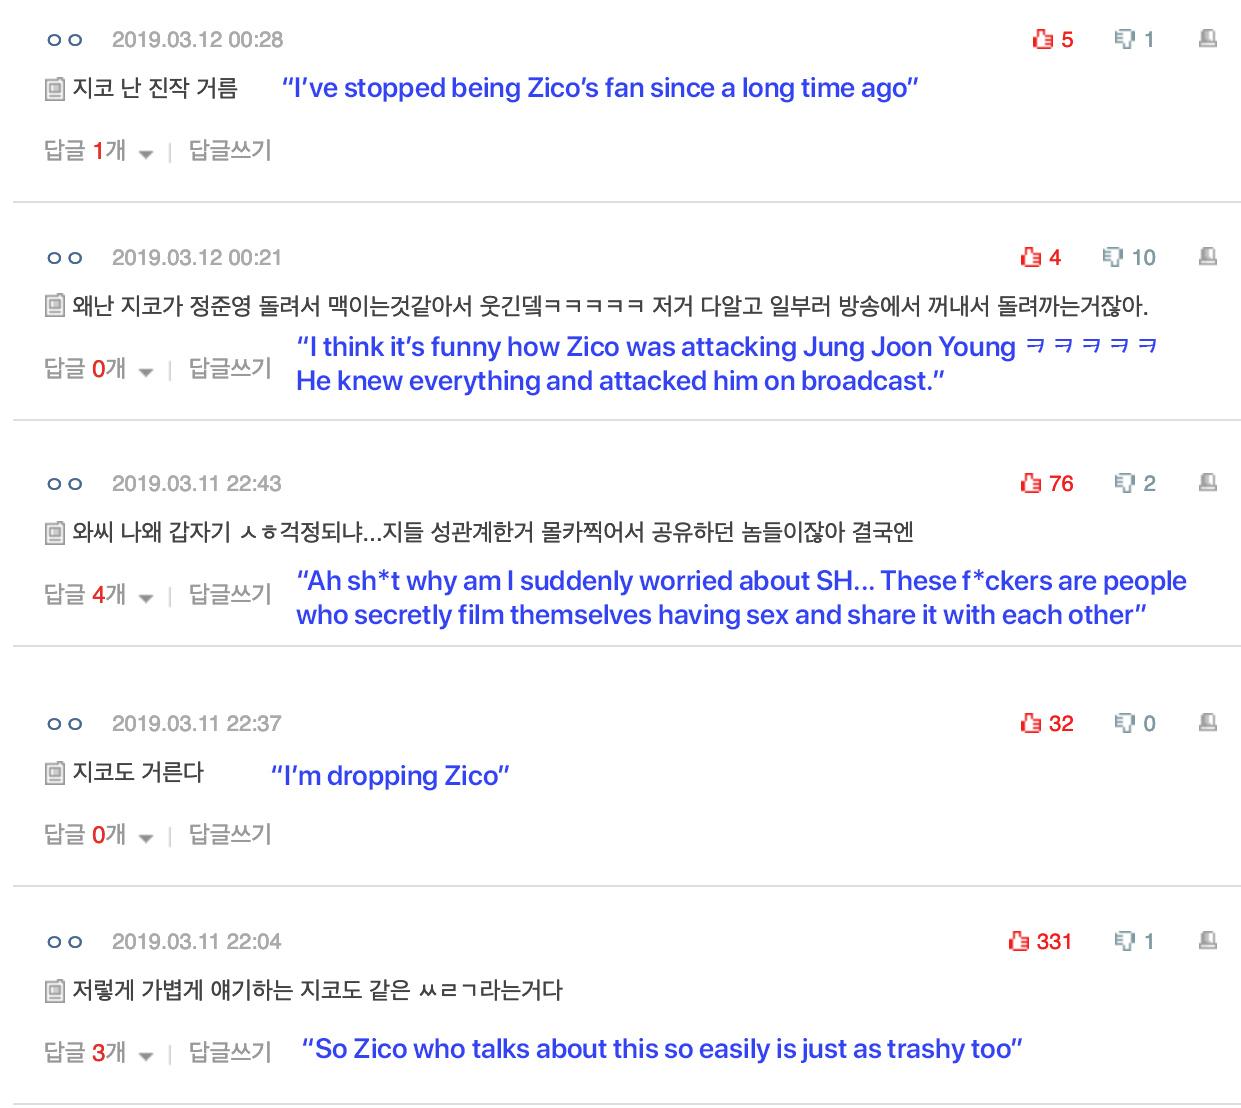 zico jung joon young golden phone